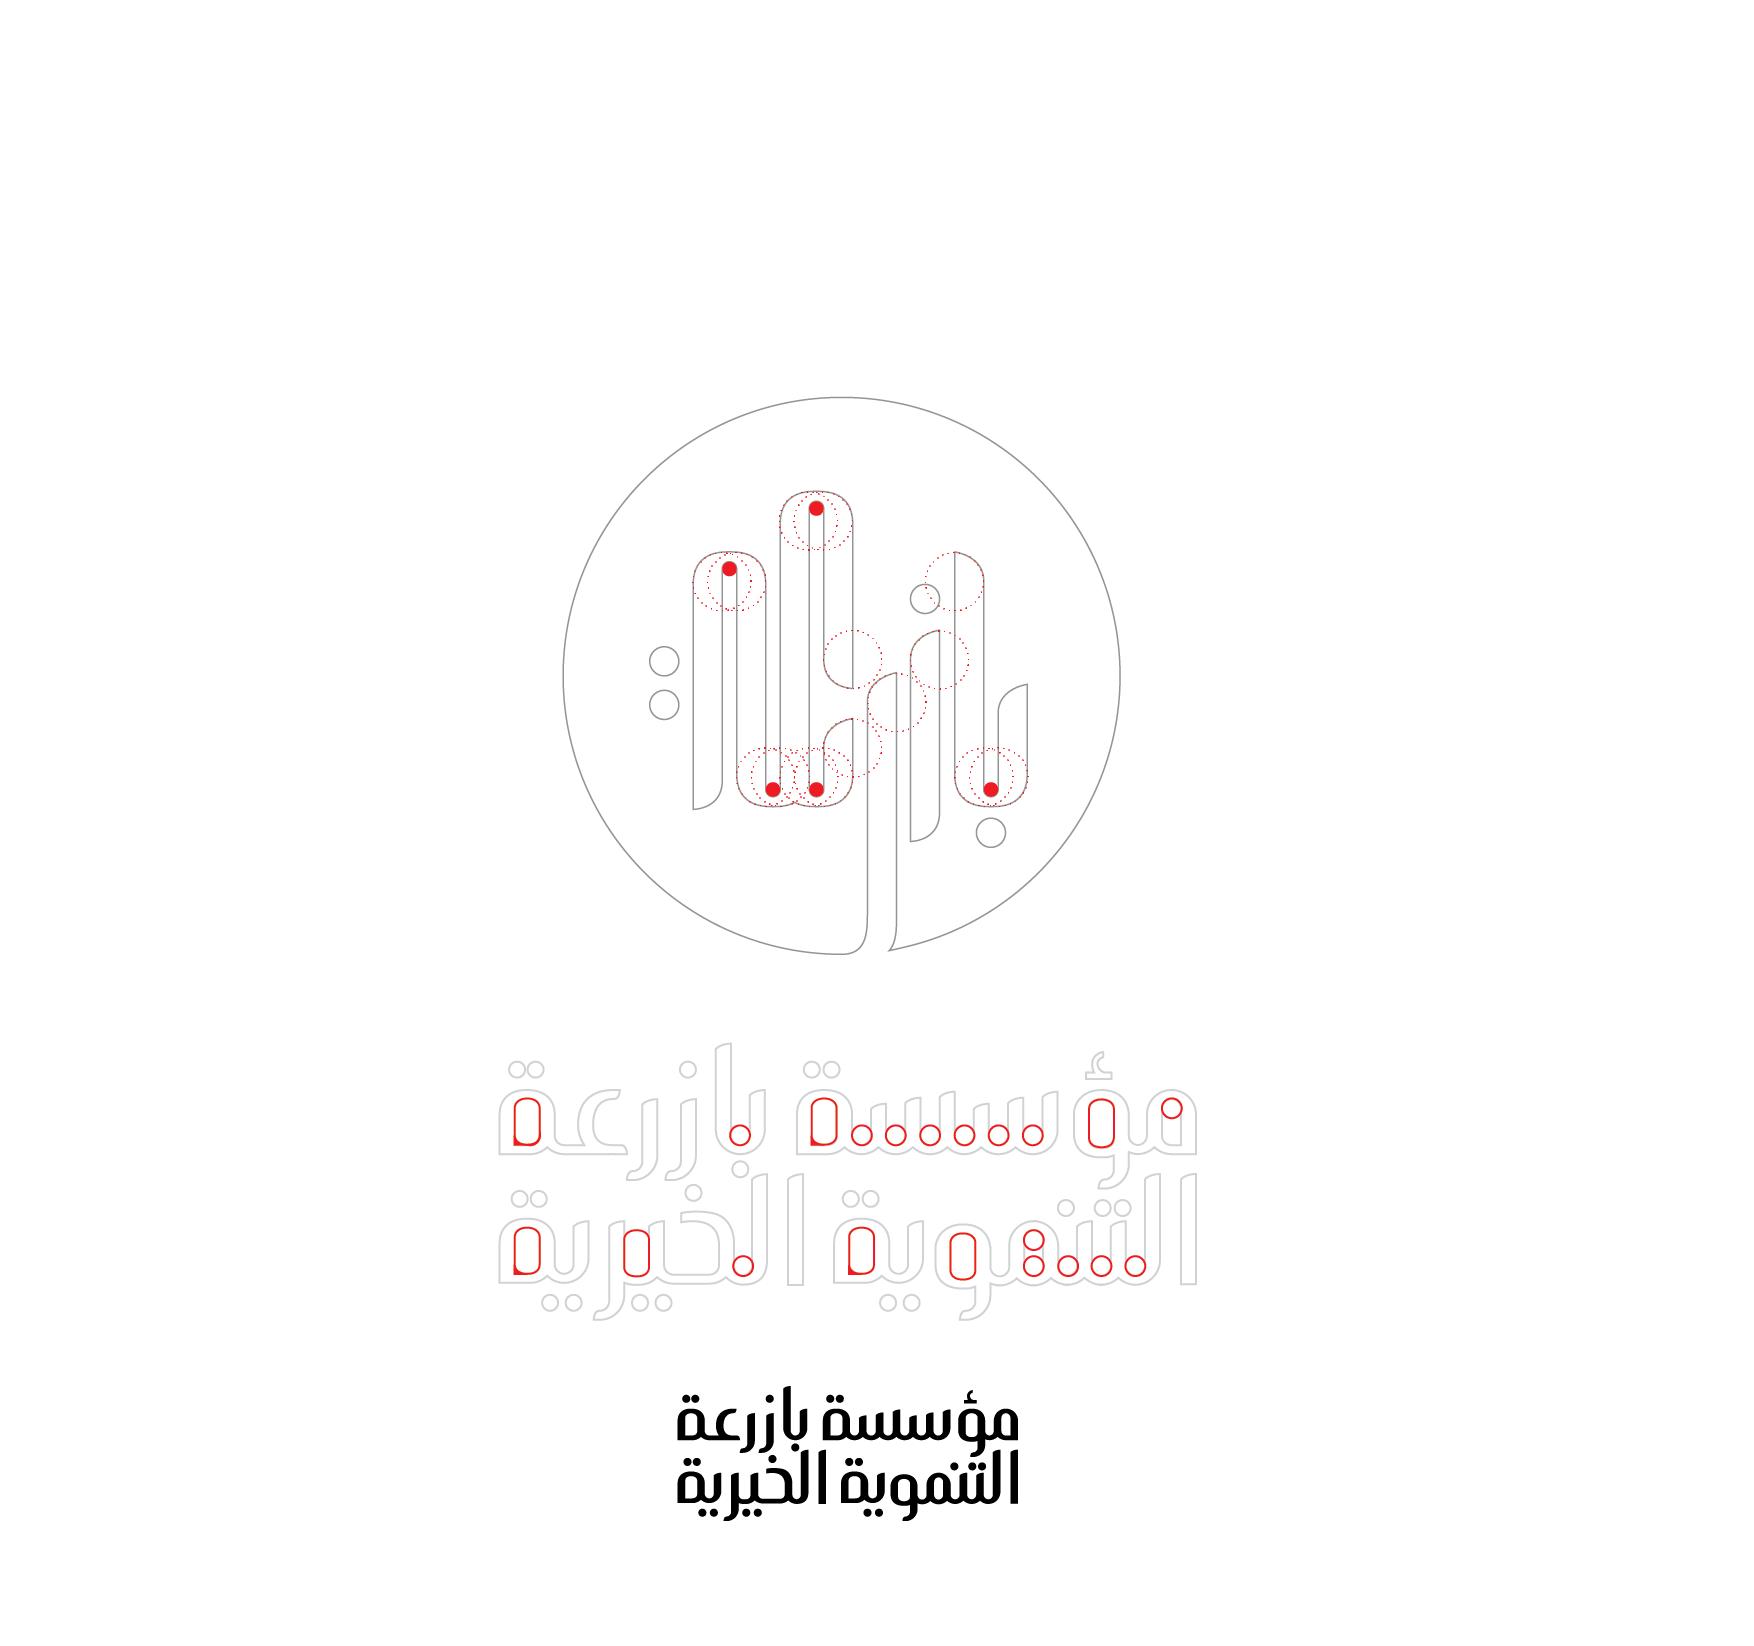 Bazaraa_behance-03.png